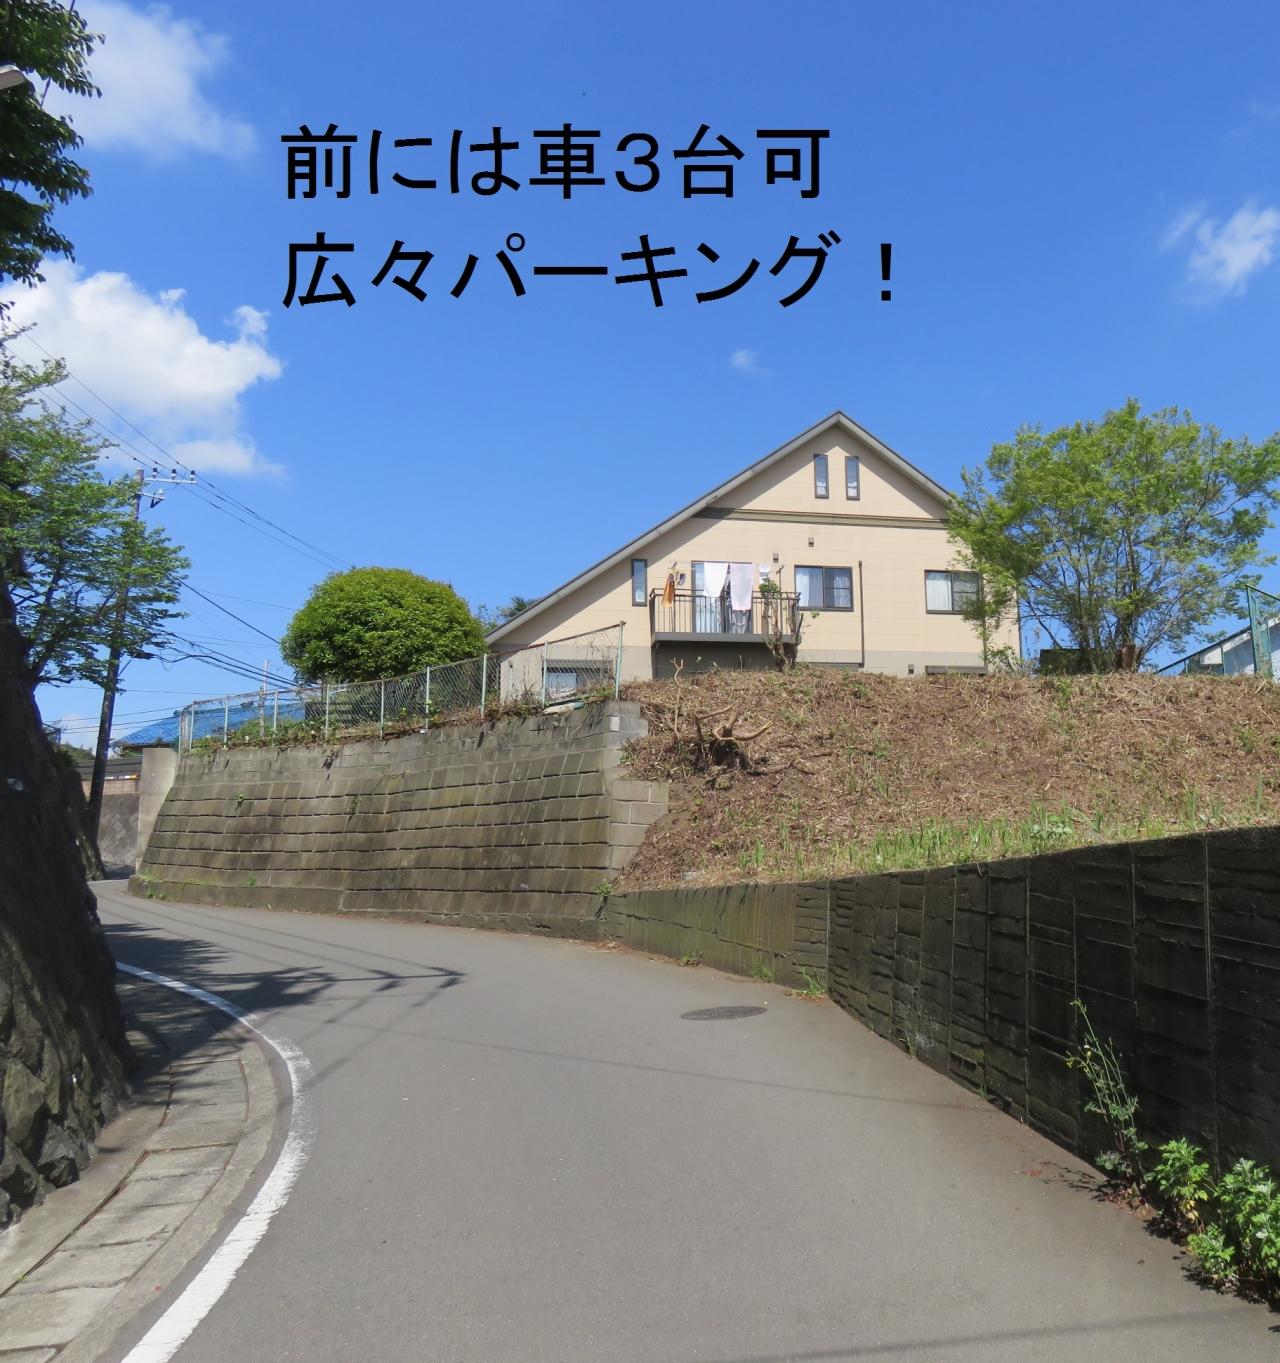 【売買・土地】羽根尾売地